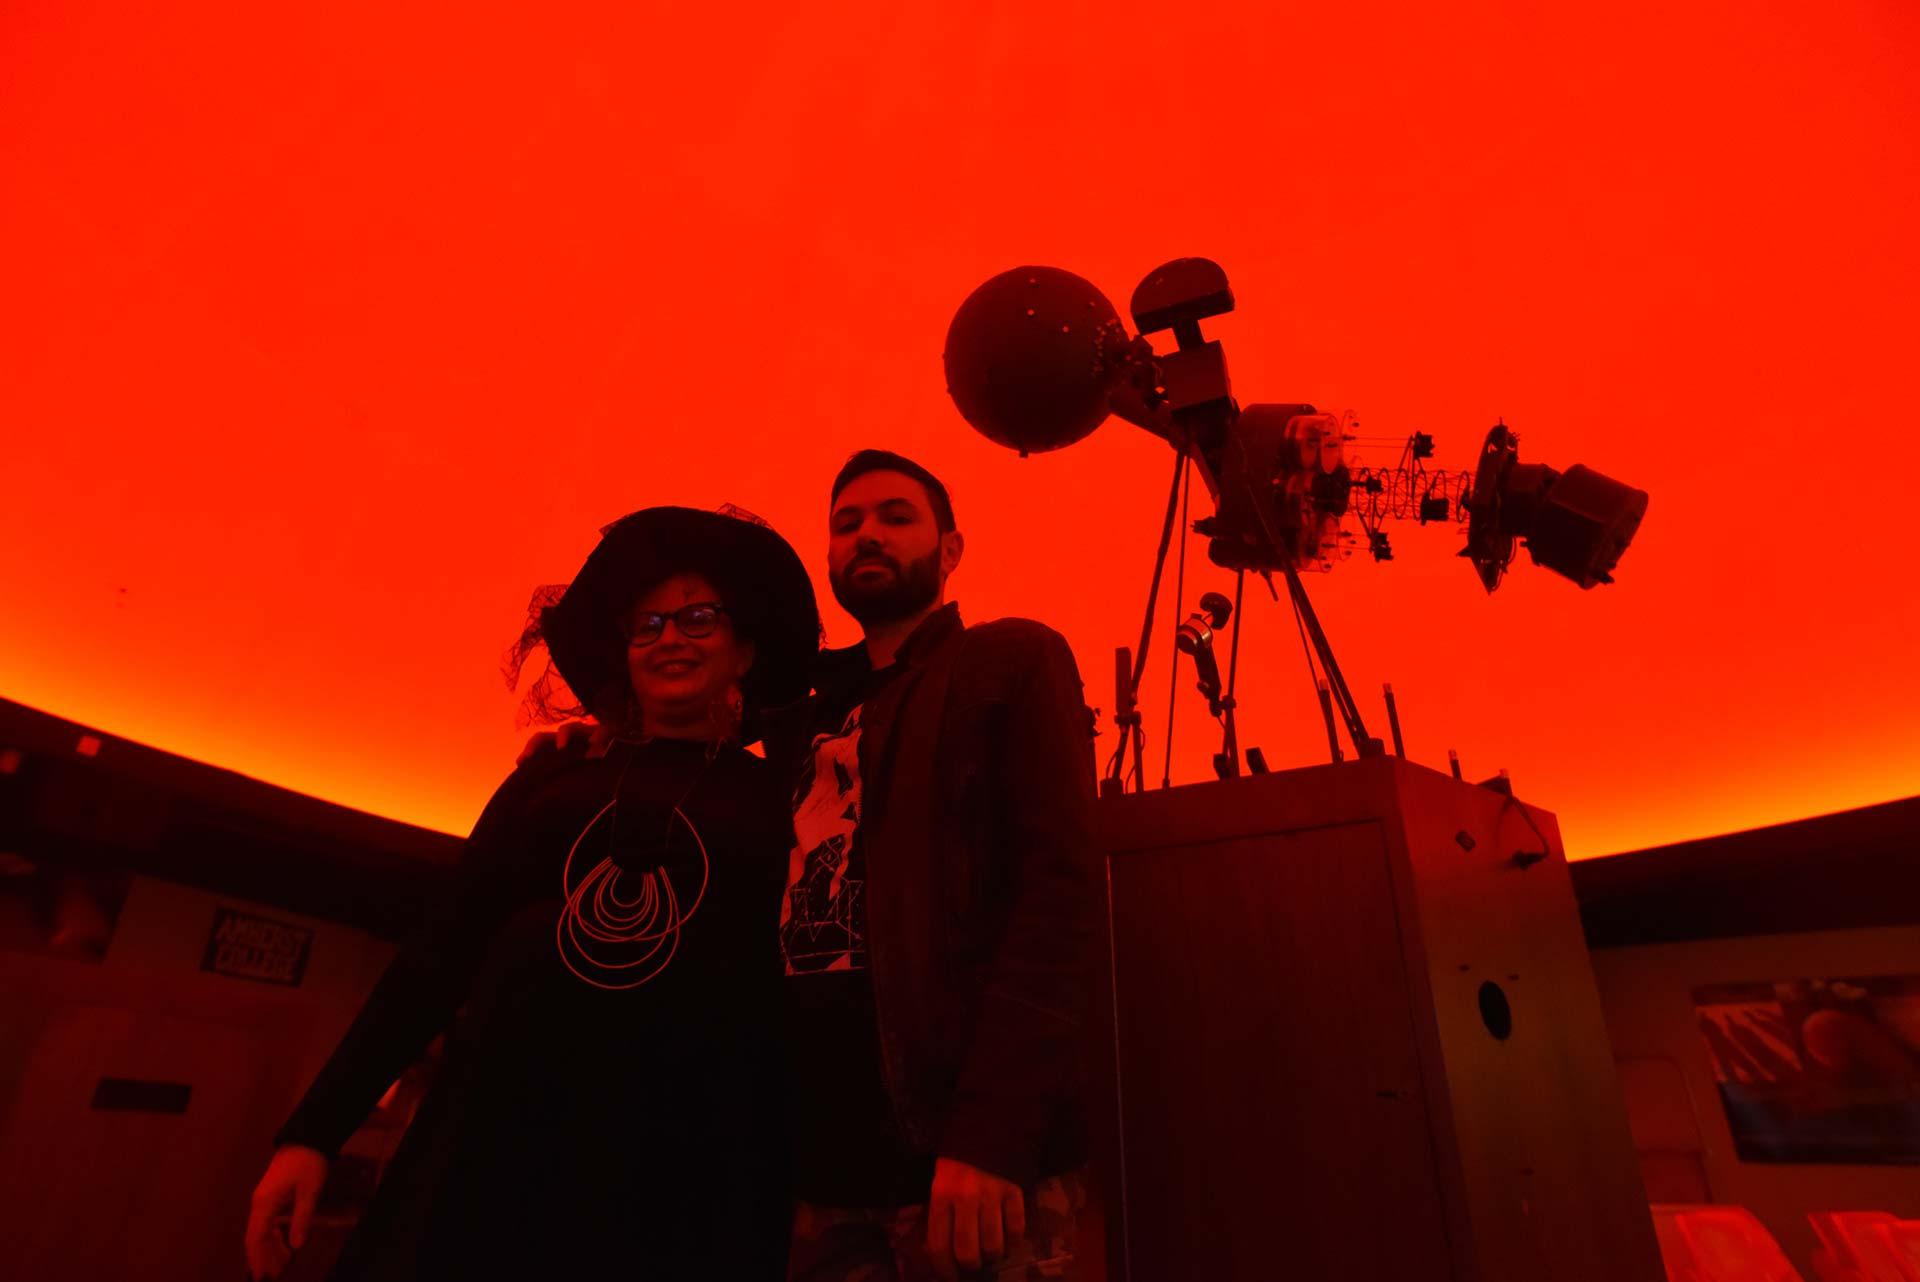 Astro Poets Dorothea Lasky and Alex Dimitrov